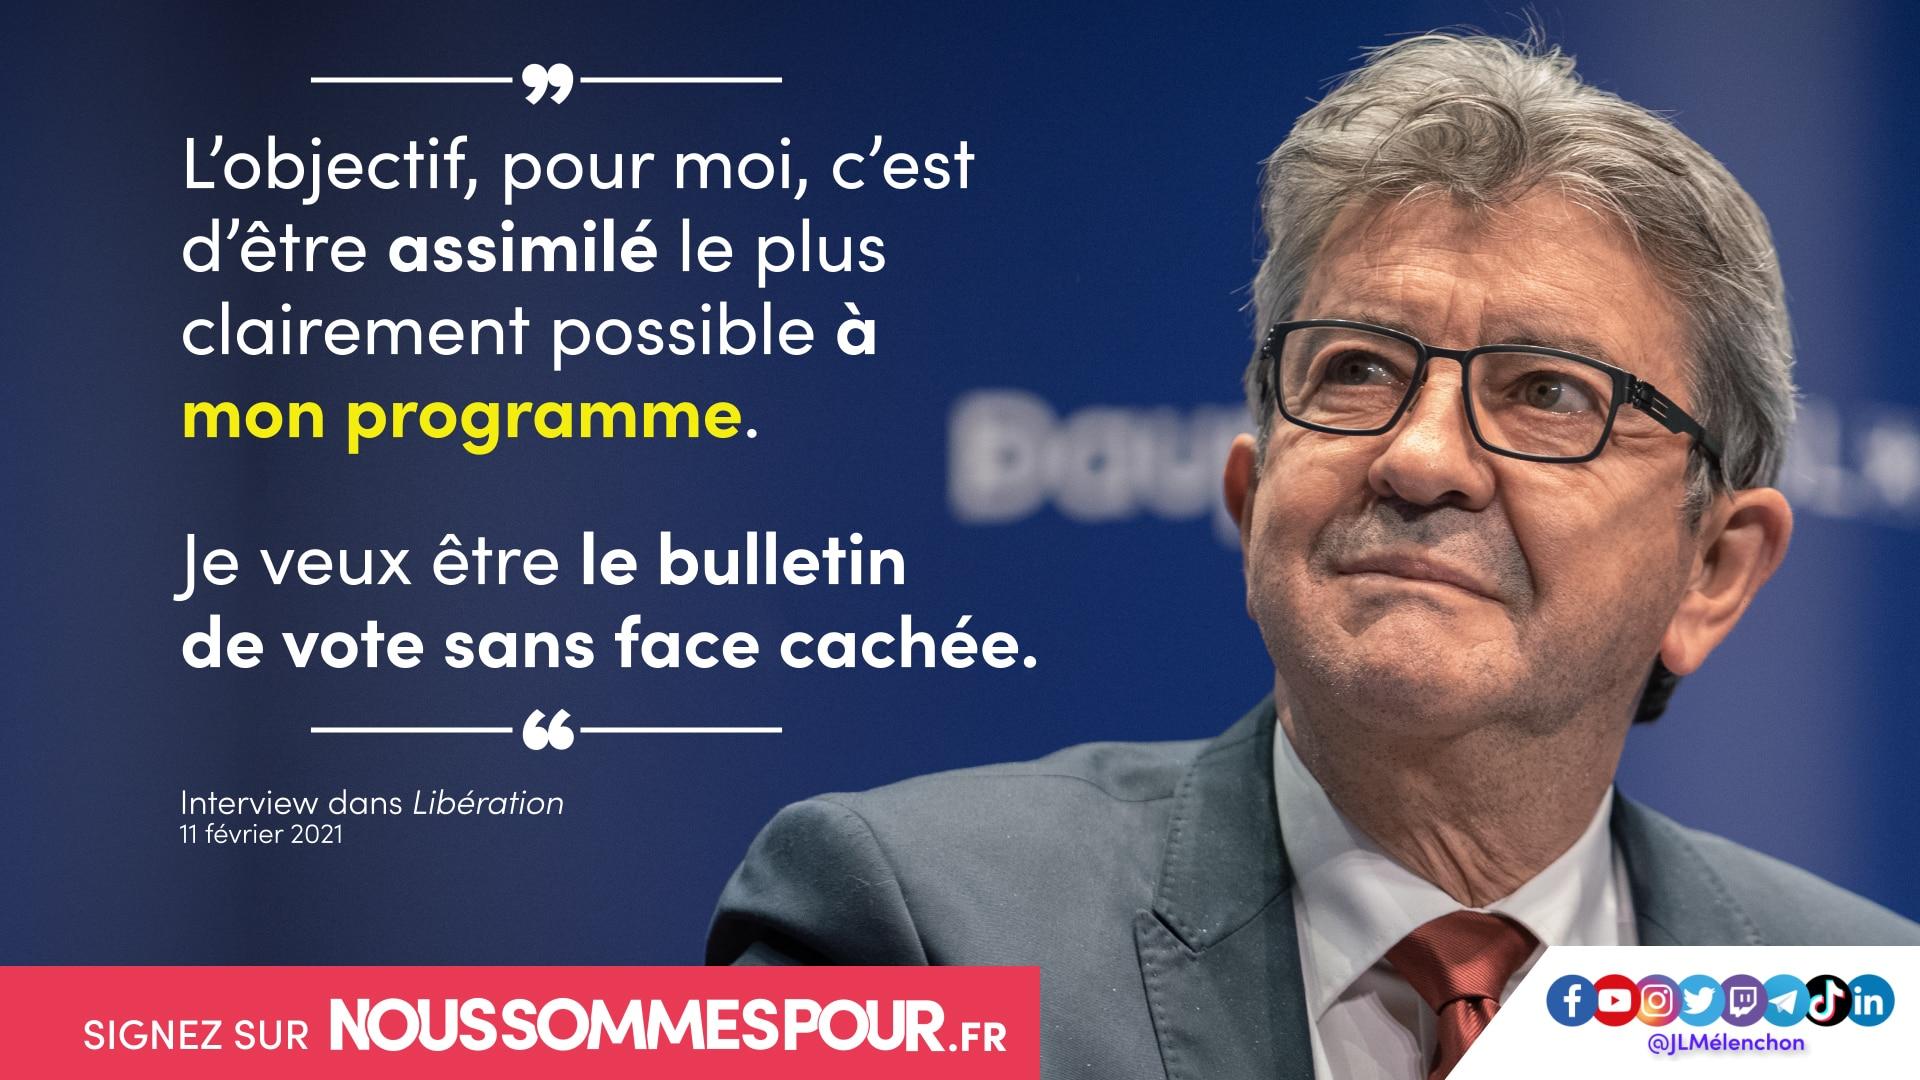 «Je veux être le bulletin de vote sans face cachée» - Interview dans «Libération»